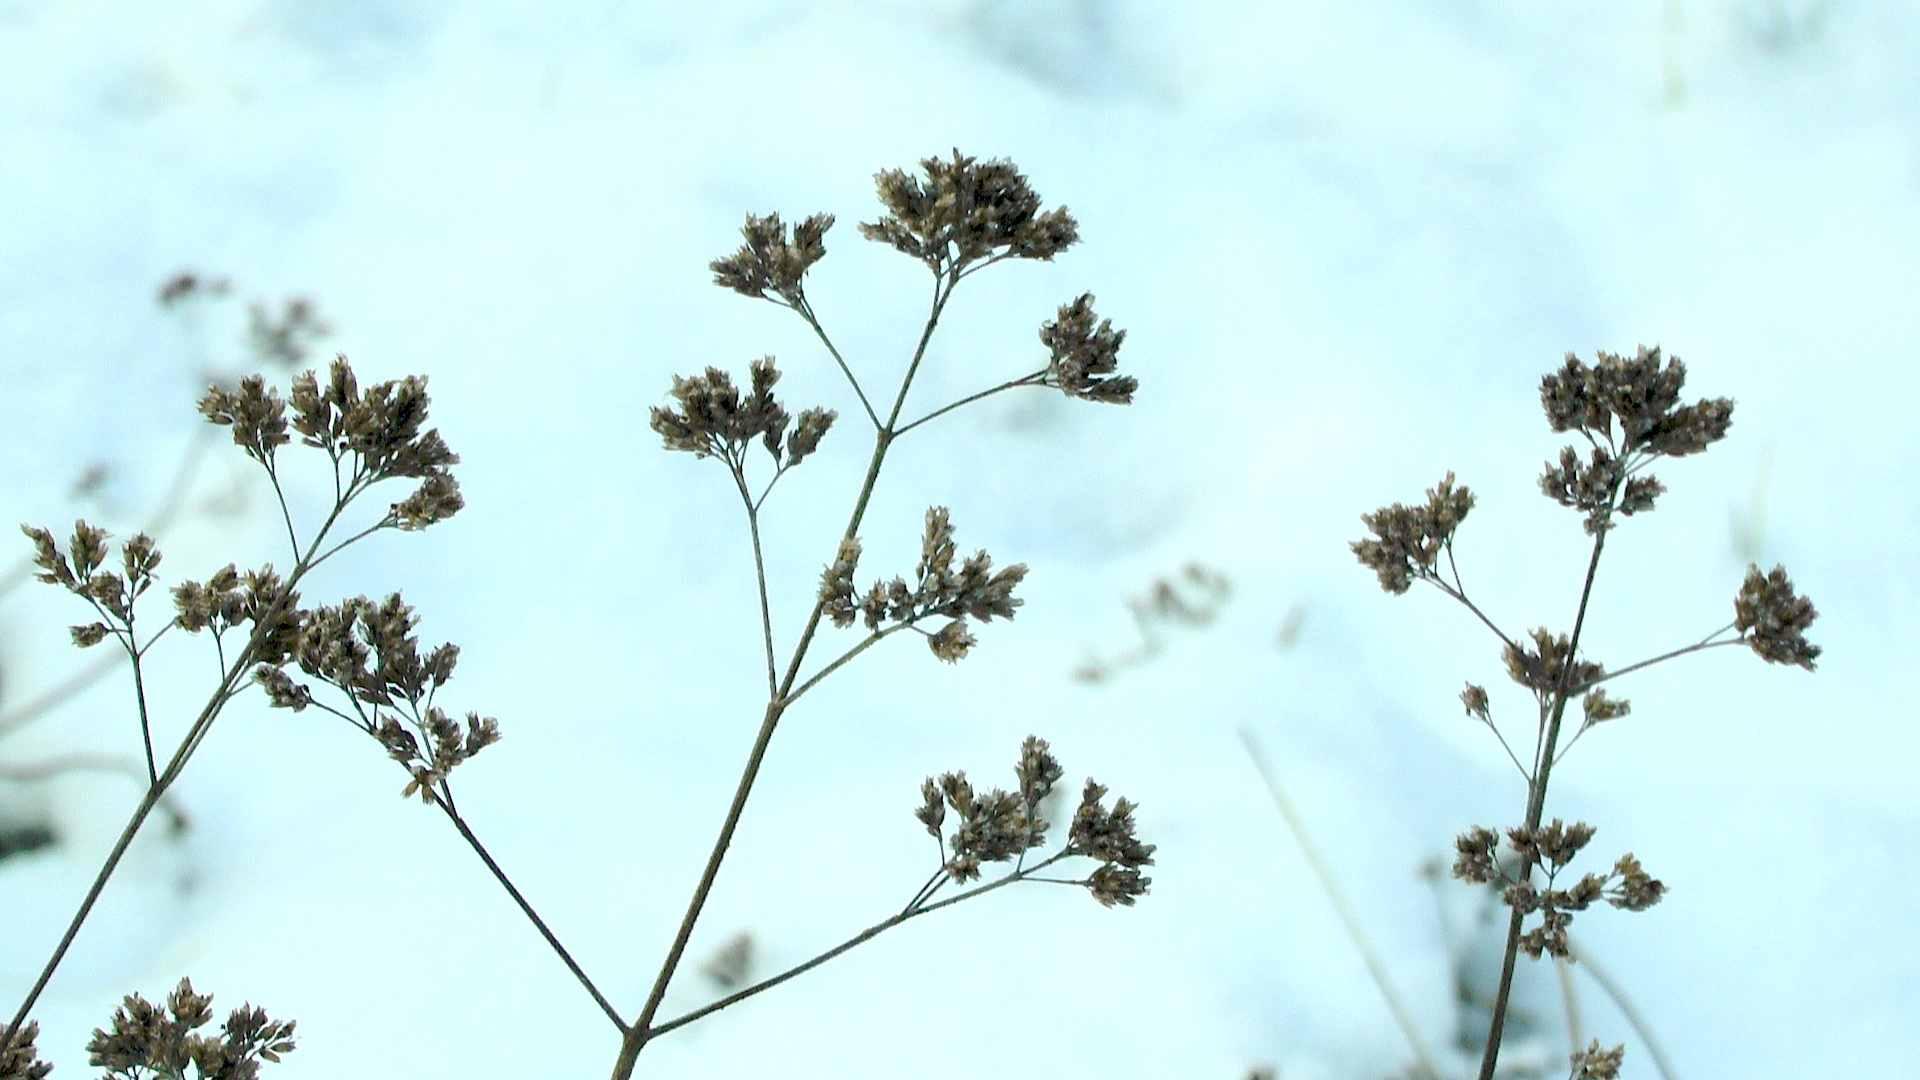 pflanzen berwintern garten natur gestalten erleben. Black Bedroom Furniture Sets. Home Design Ideas